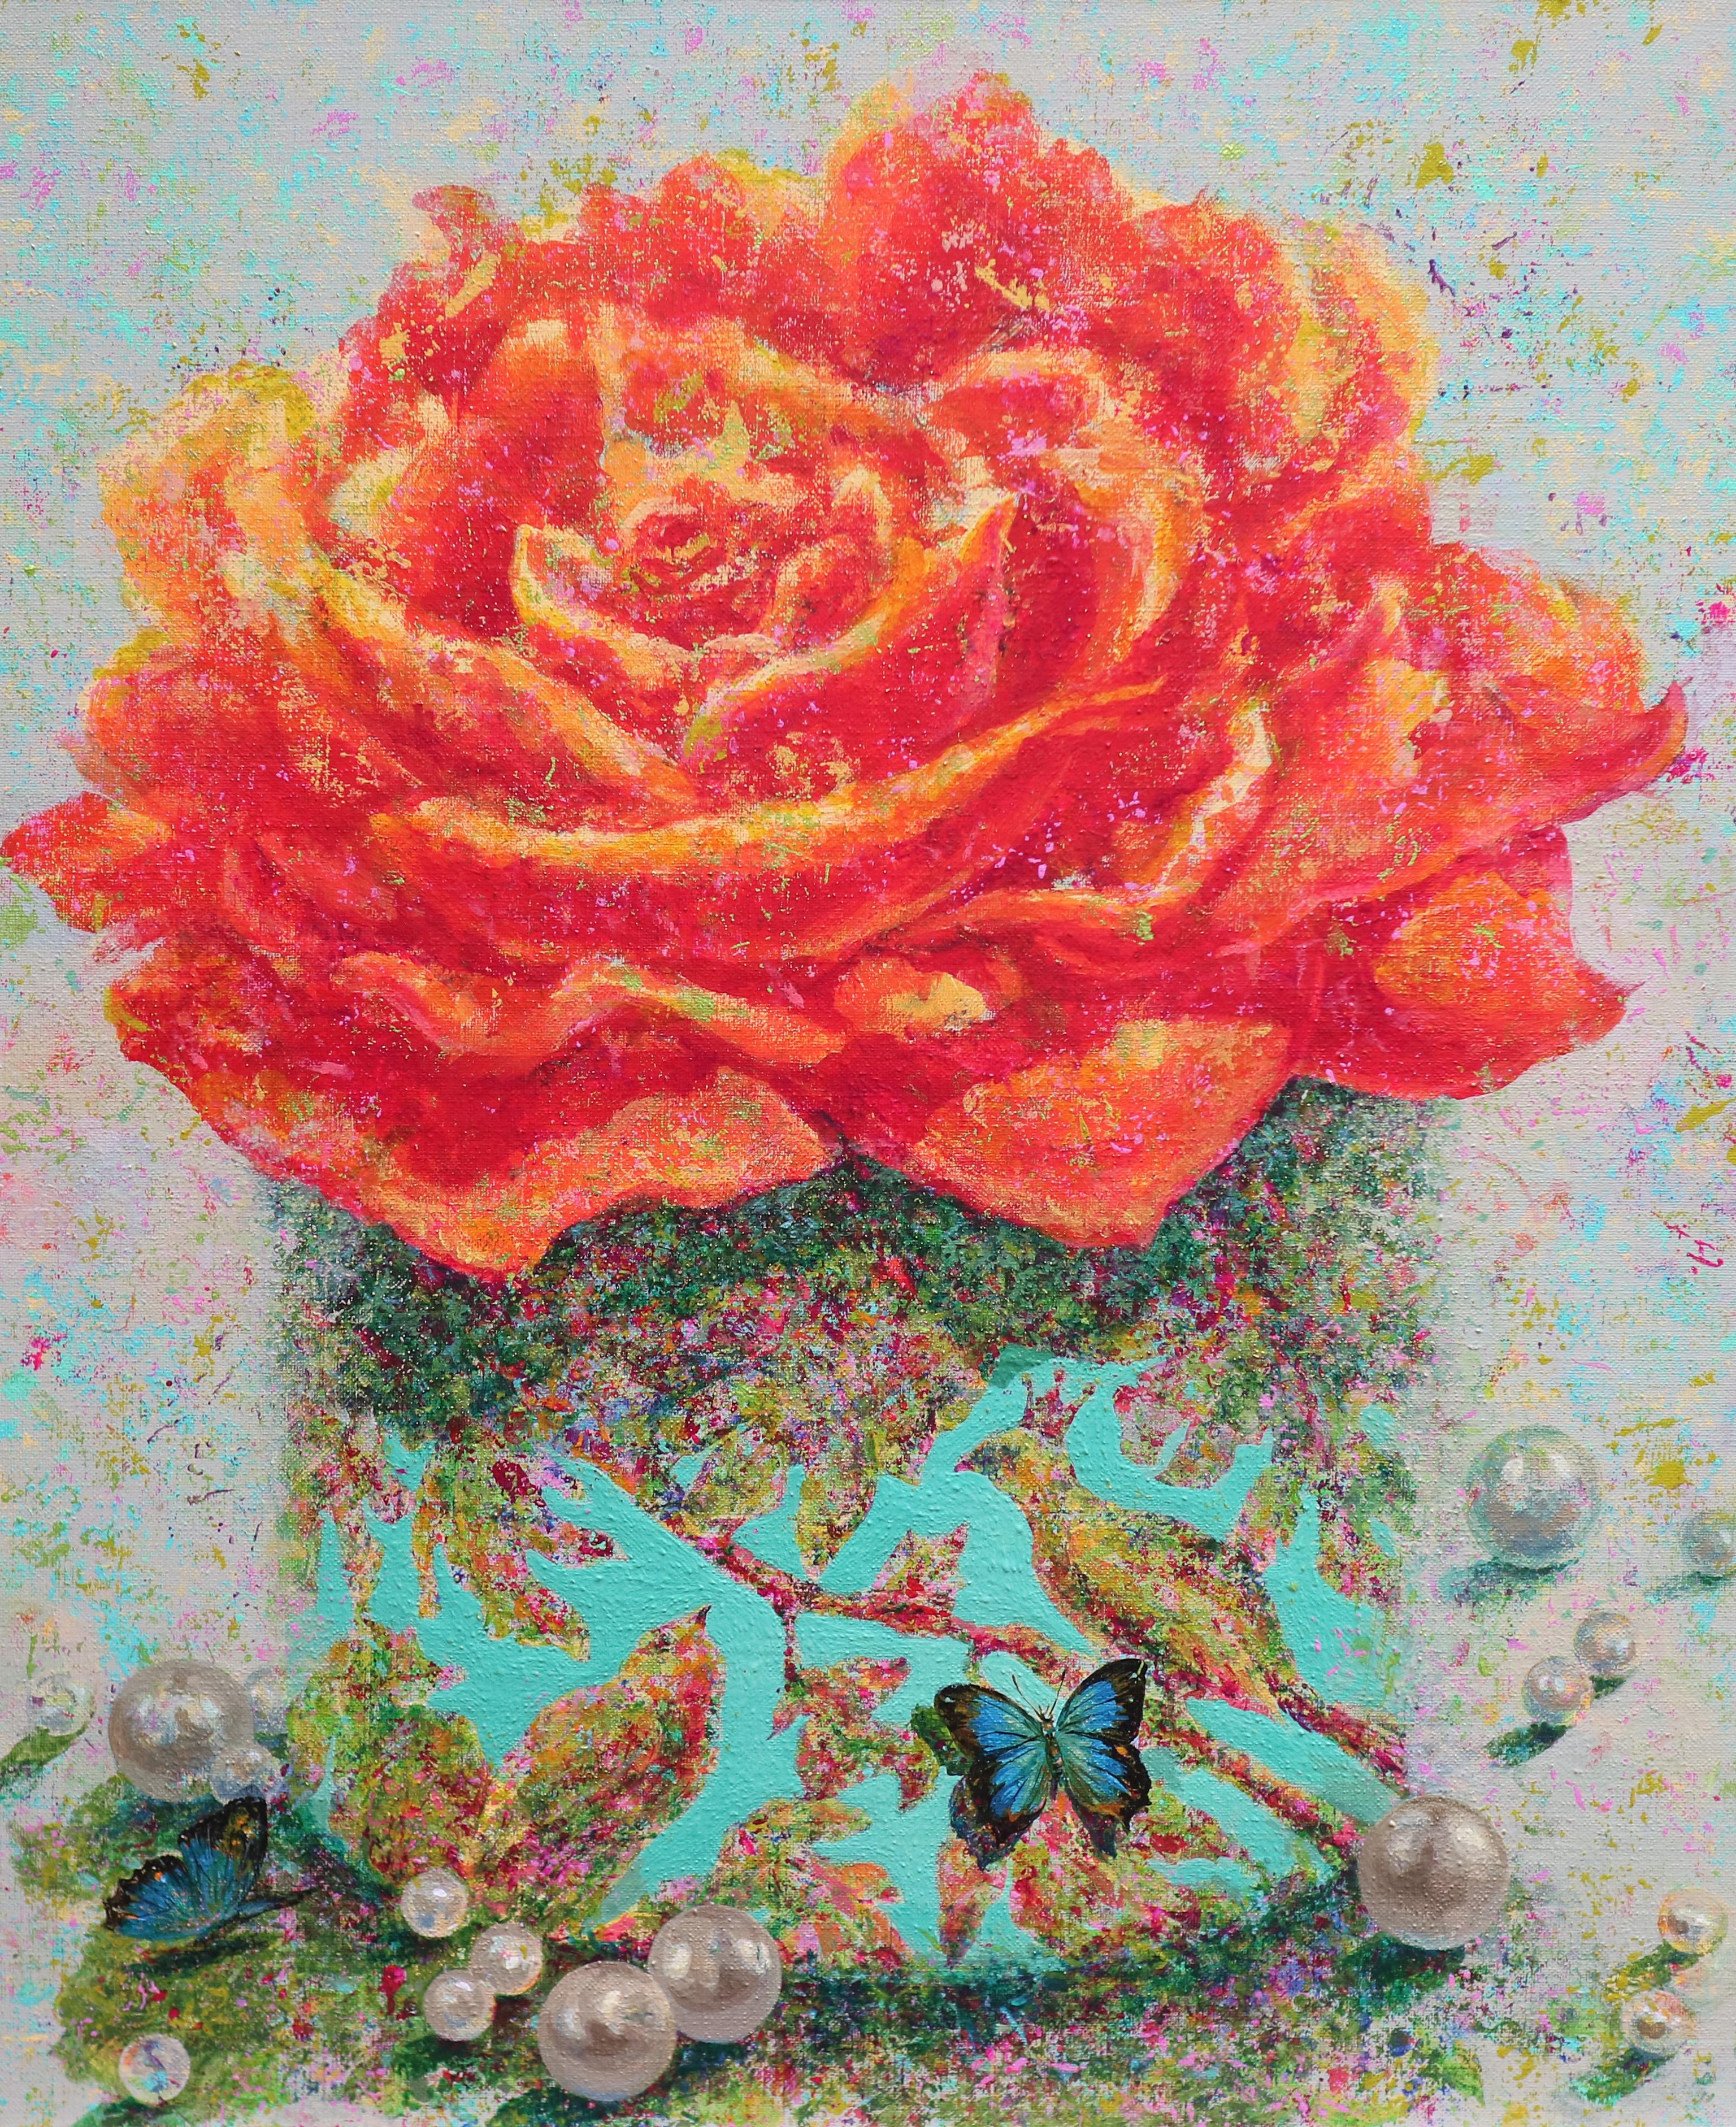 그녀는 꽃 입니다 60.6 x 72.7cm Acrylic on canvas 2016